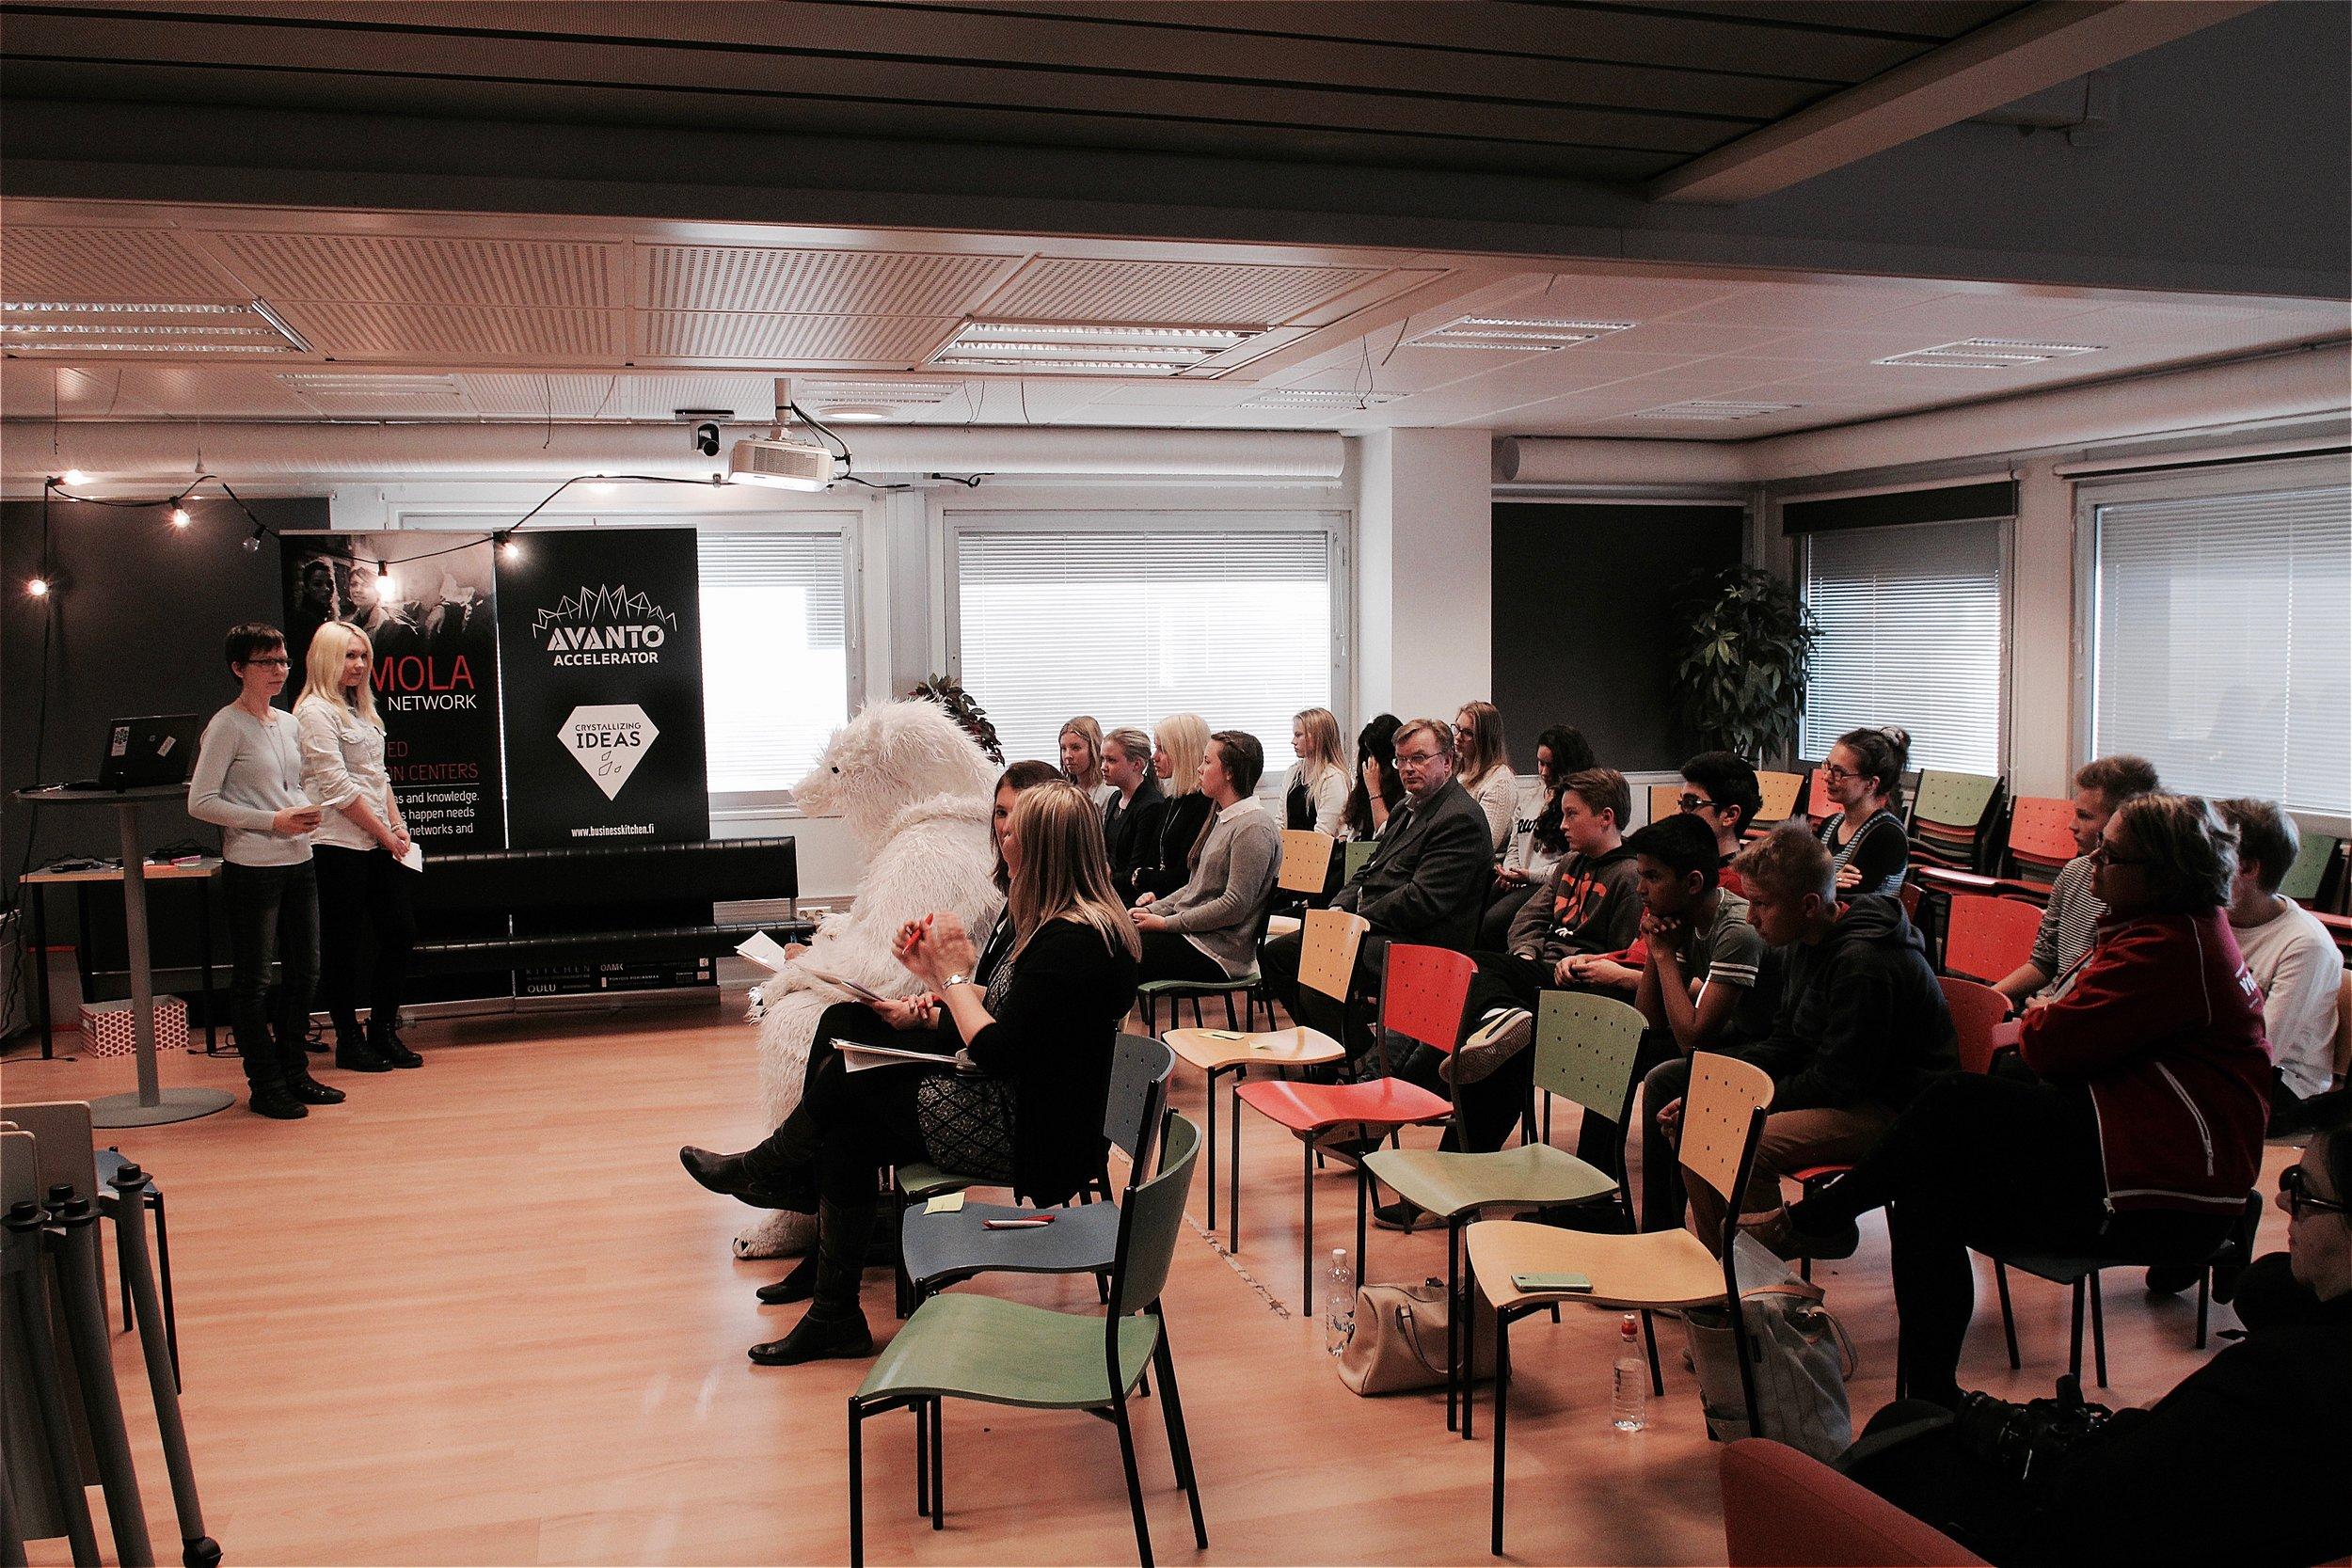 The Jury consisted of a Polar Bear, US Embassy representative and Mia Kemppaala.